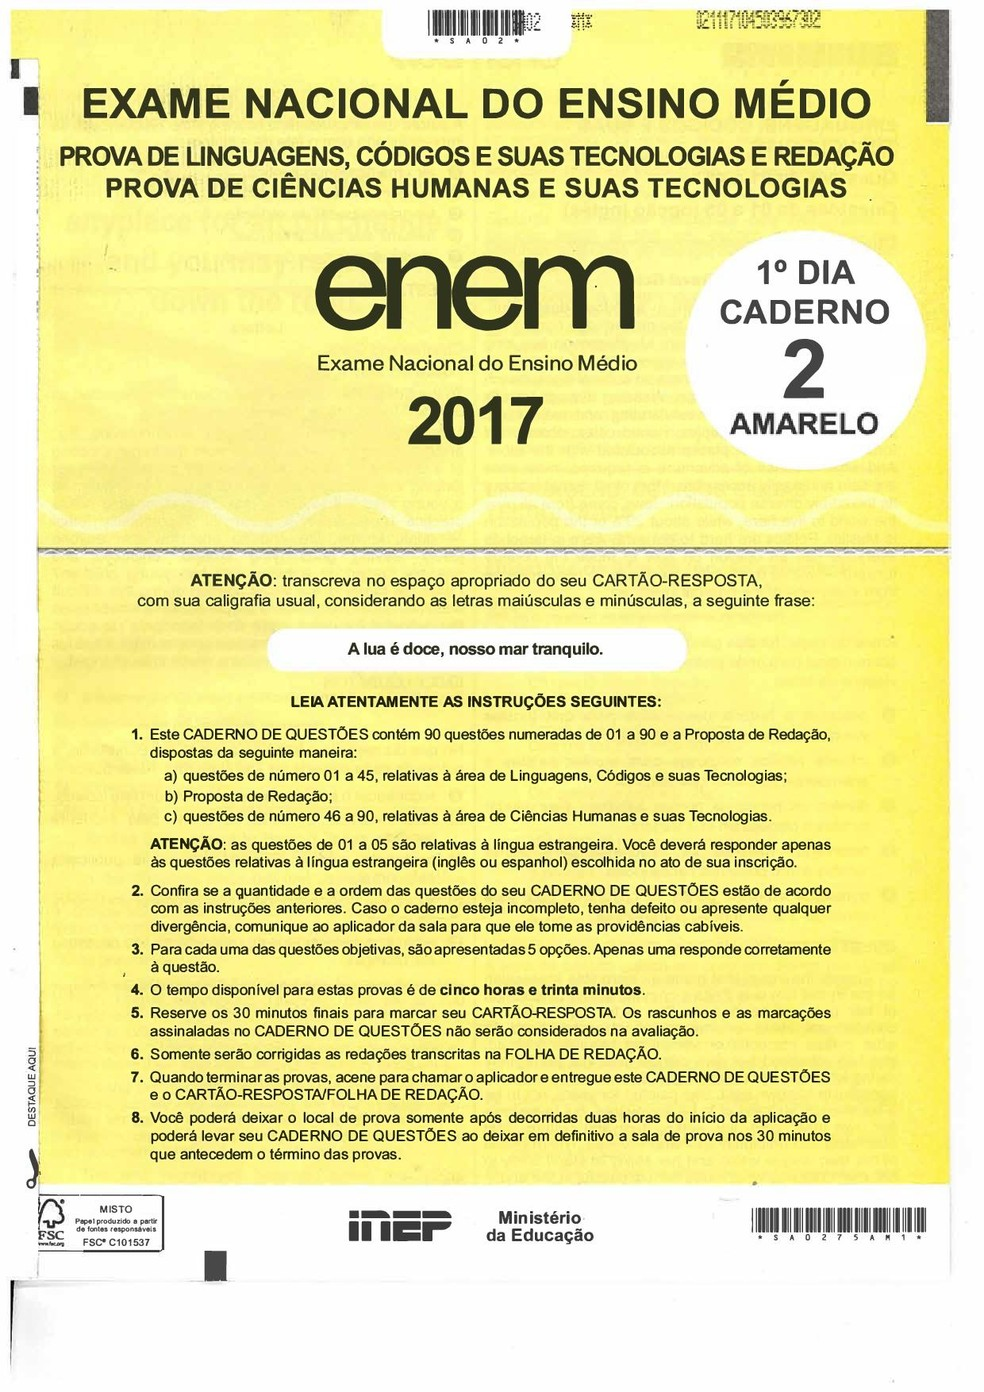 Enem 2017 caderno de provas amarelo do primeiro dia (Foto: Reprodução)